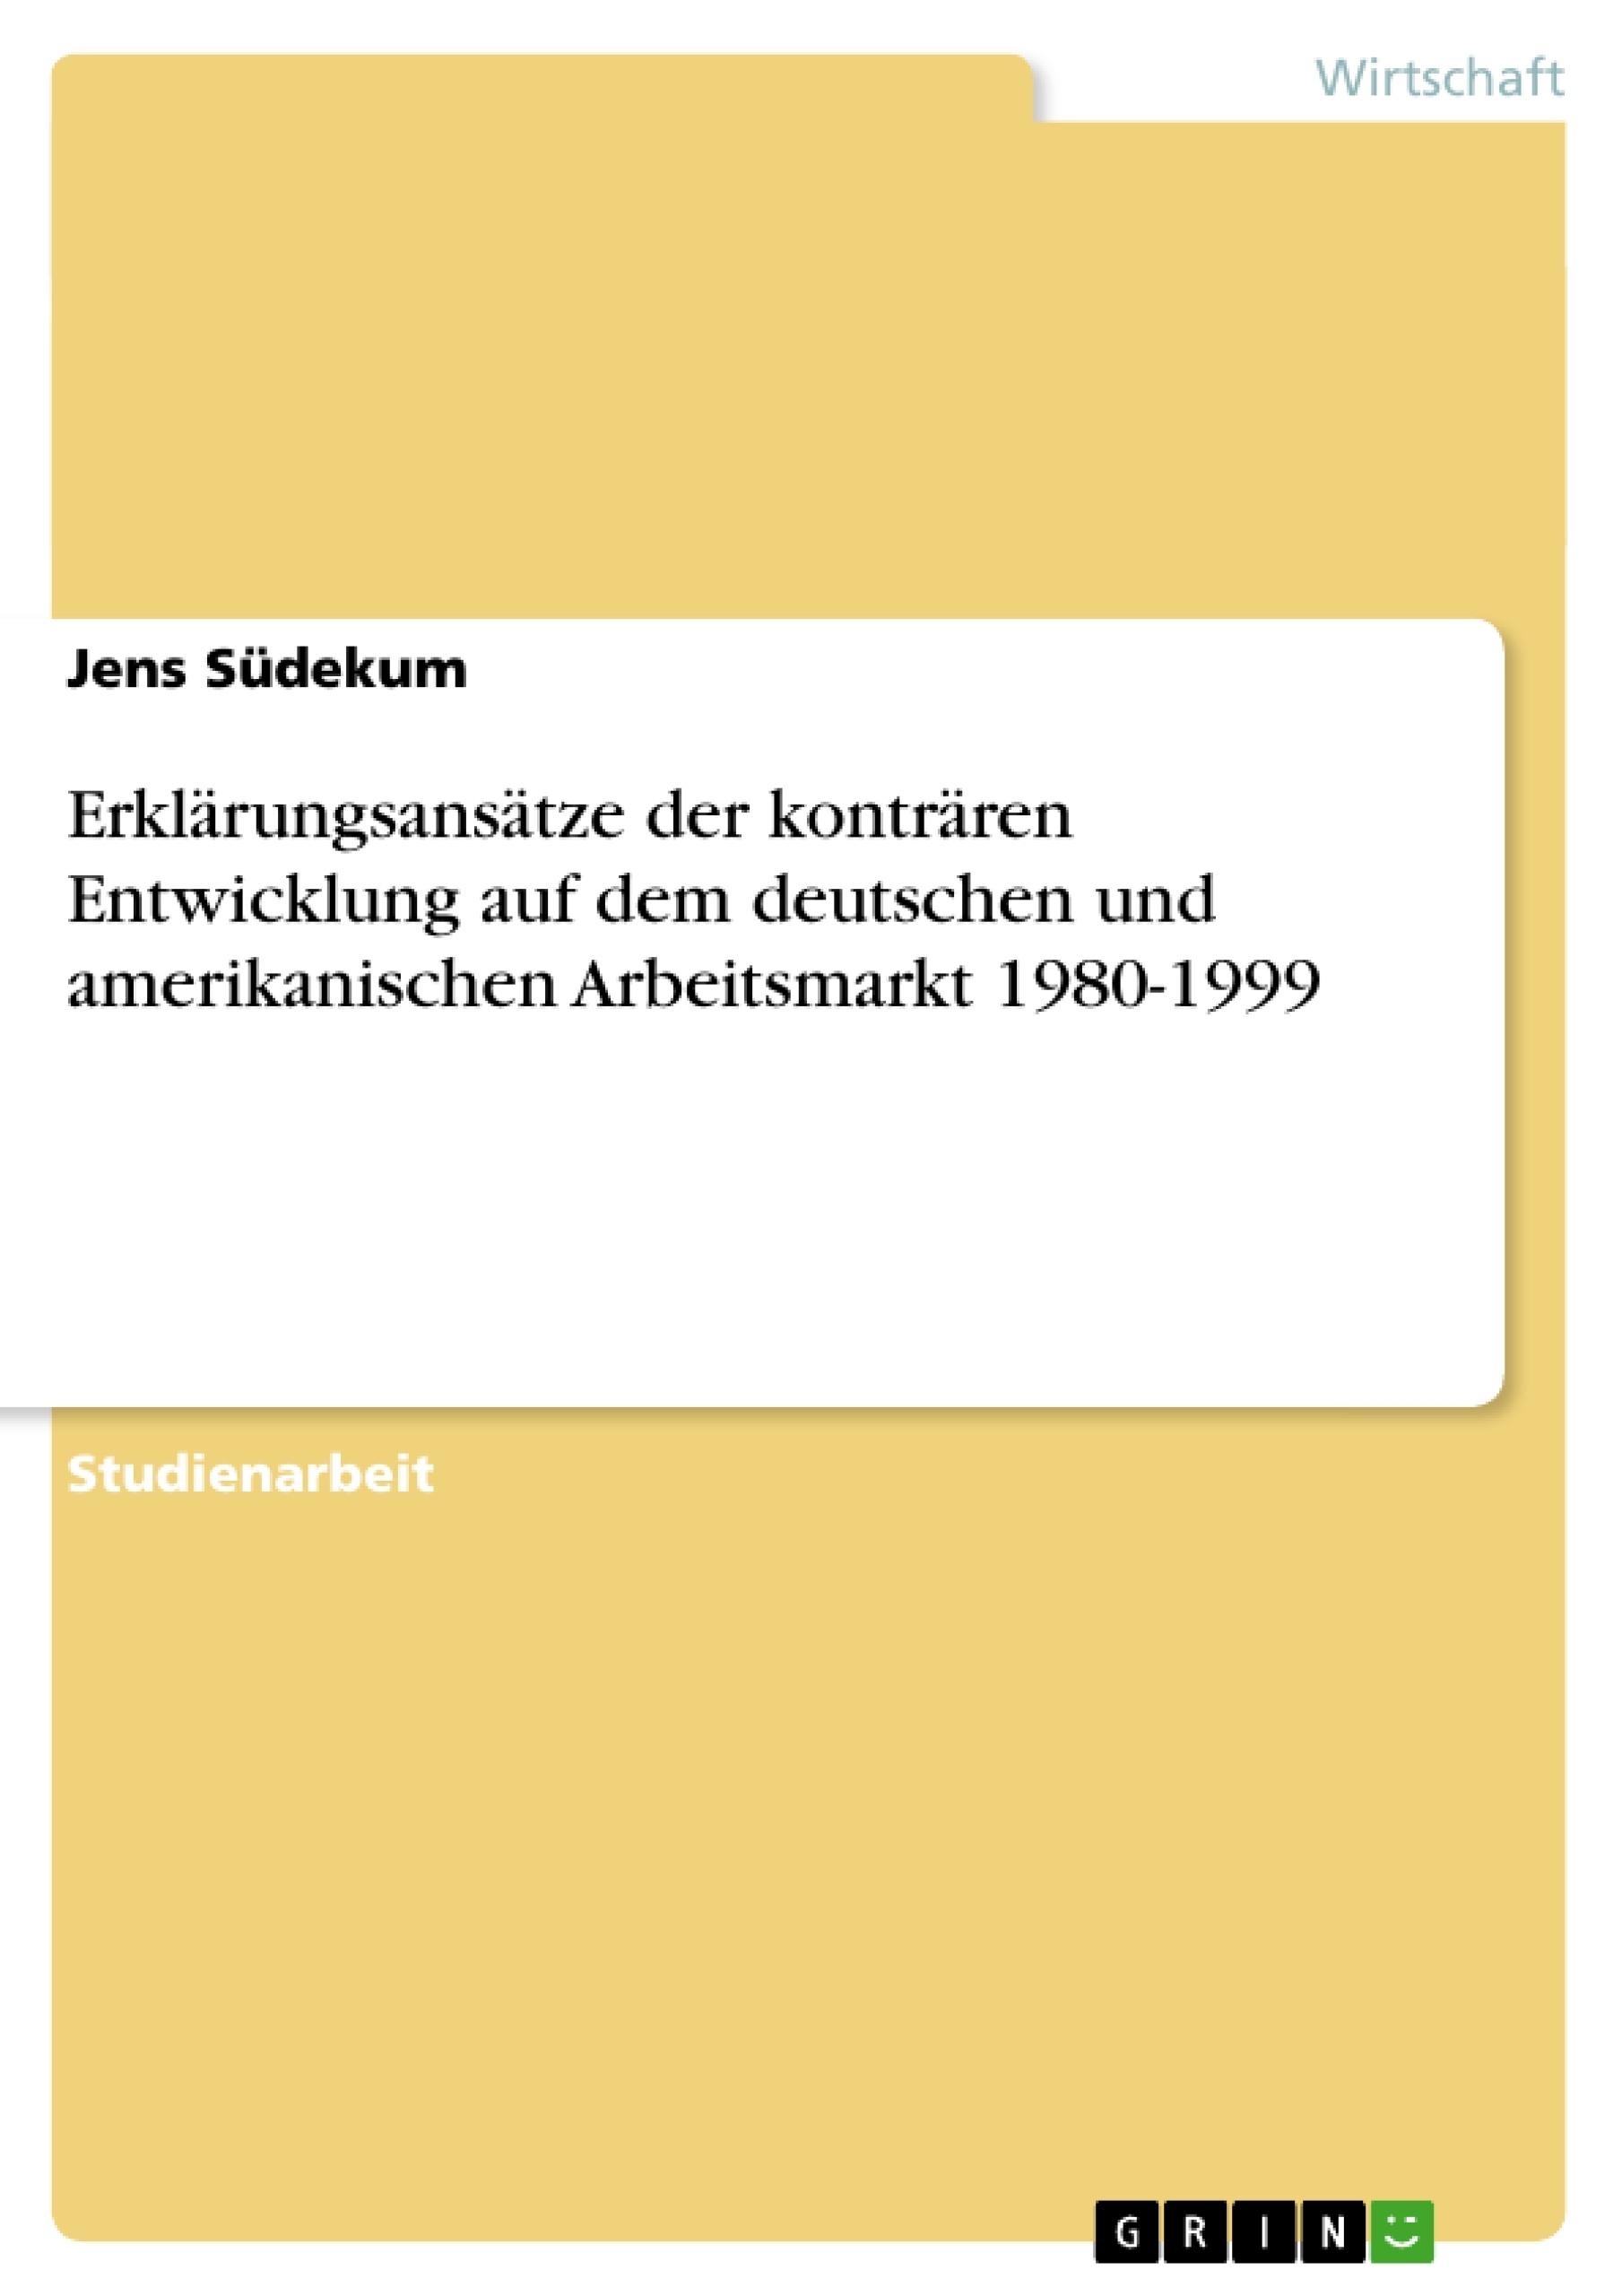 Titel: Erklärungsansätze der konträren Entwicklung auf dem deutschen und amerikanischen Arbeitsmarkt 1980-1999